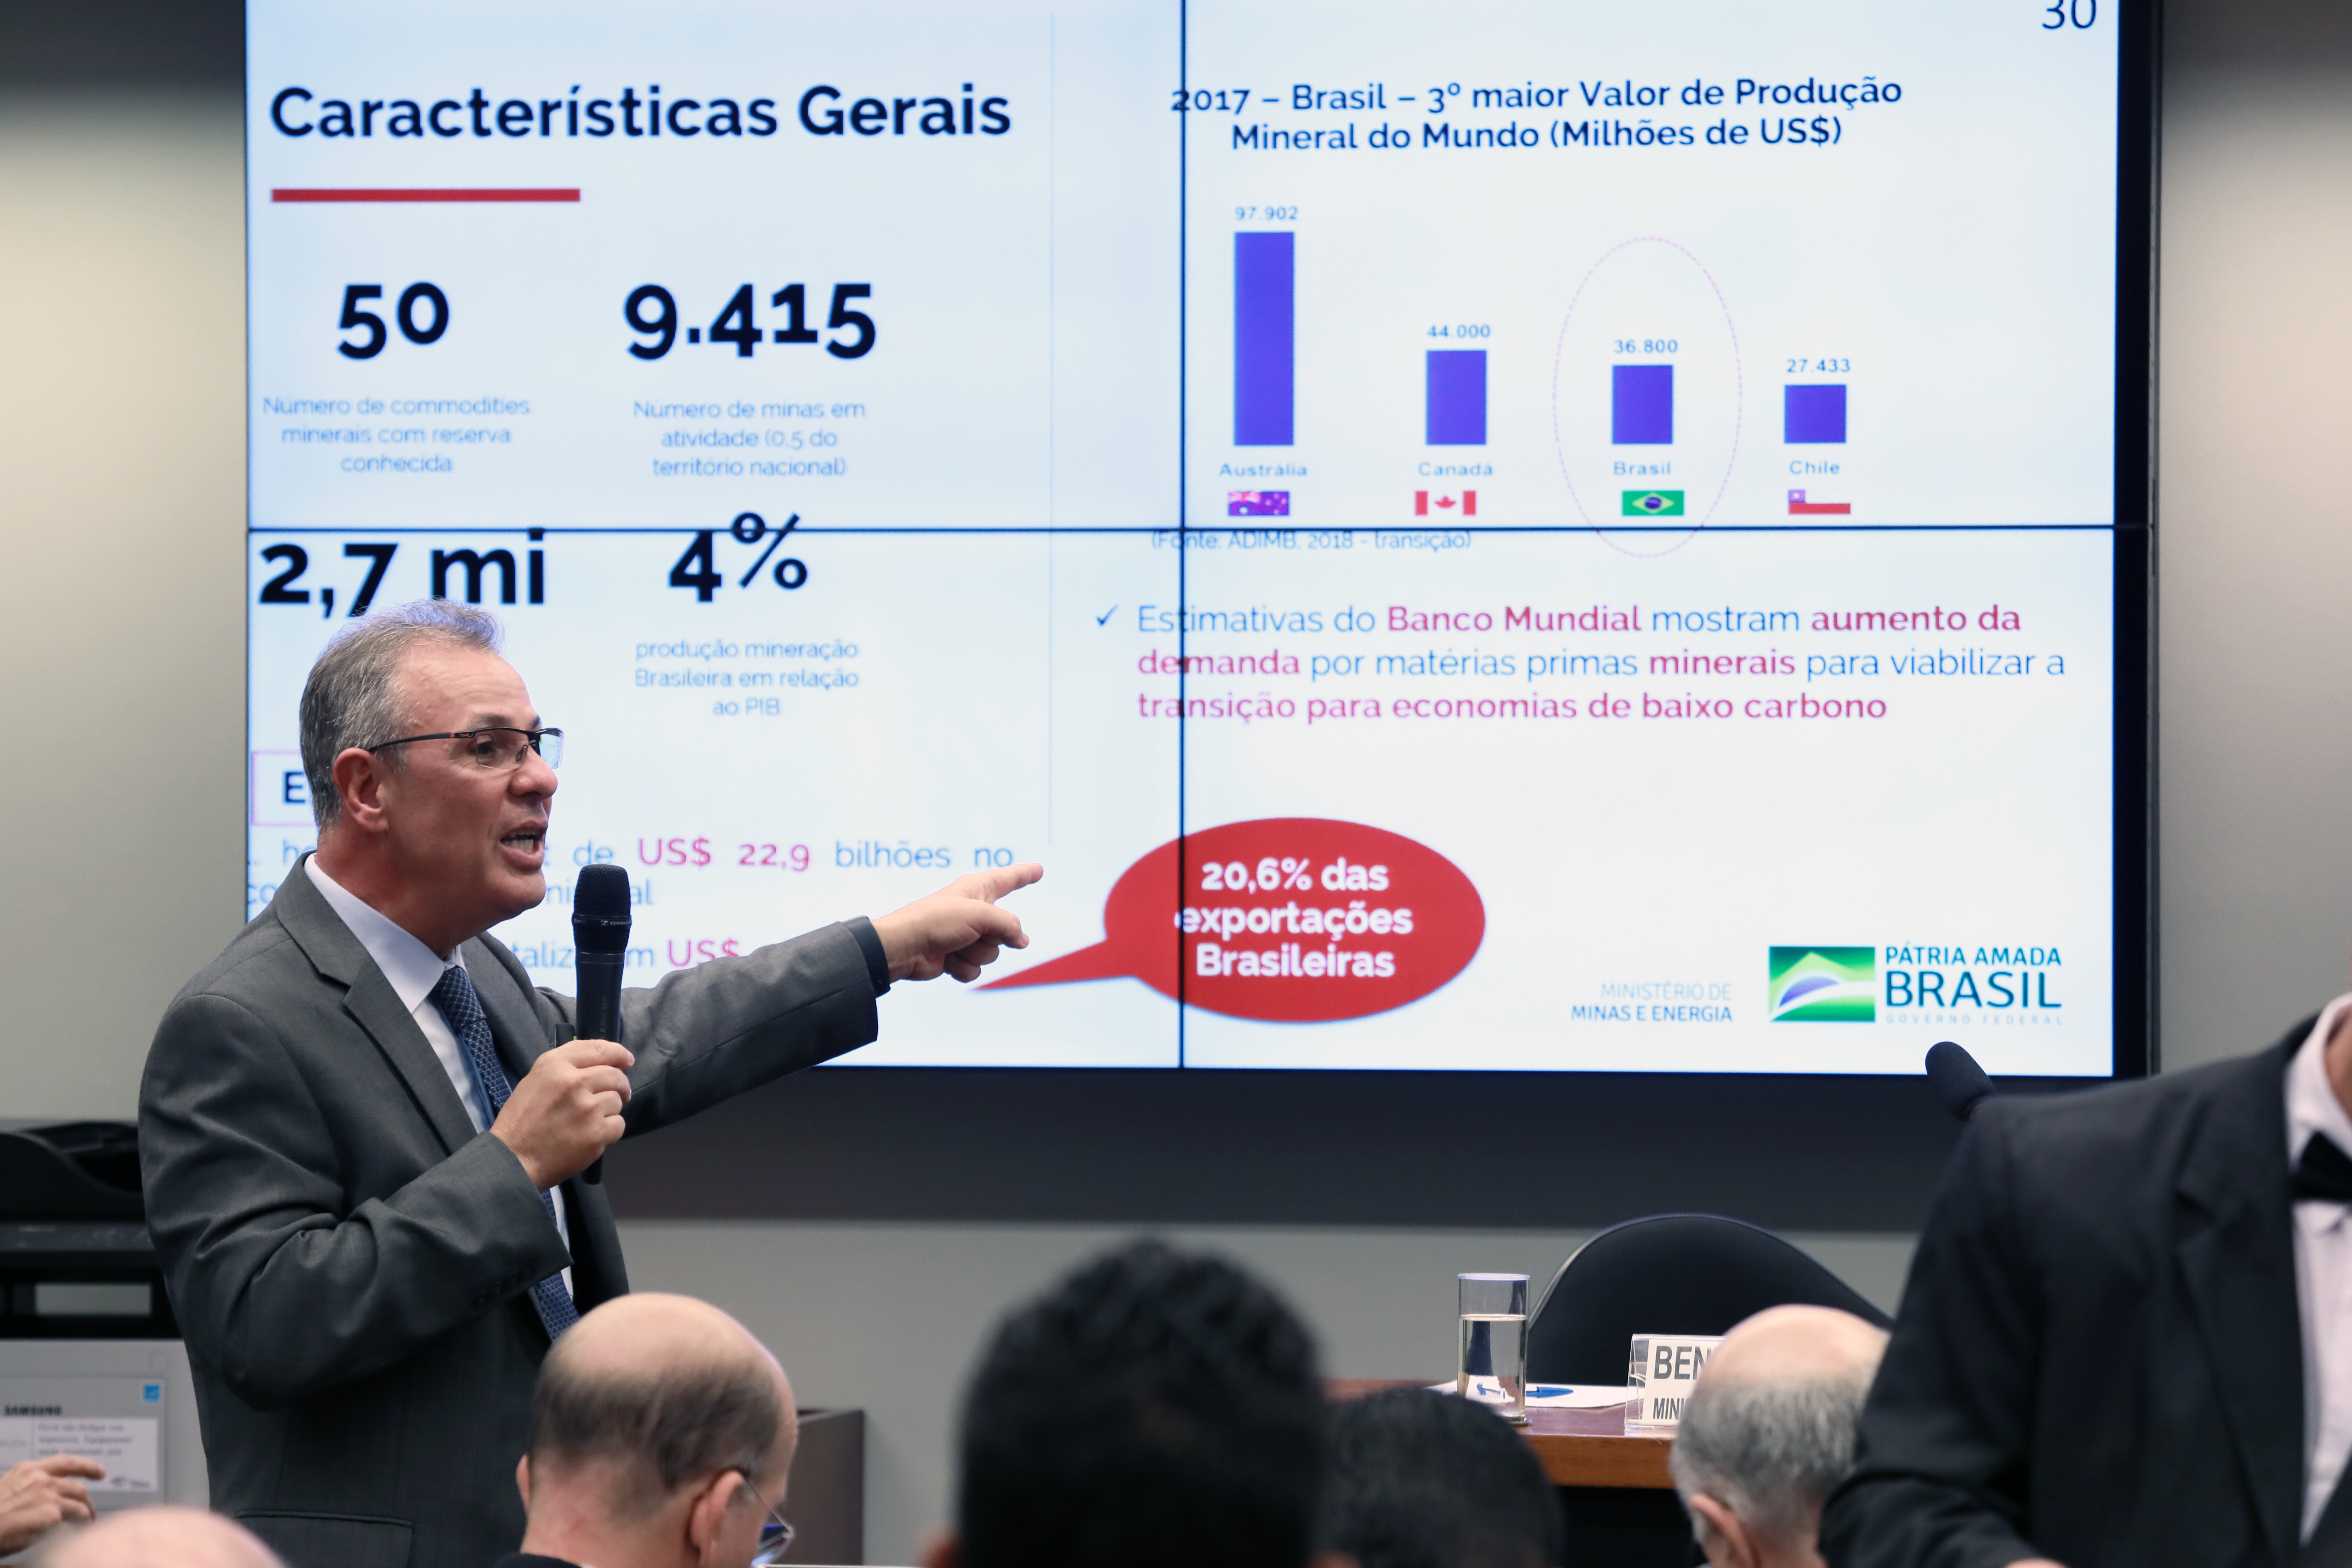 Reunião ordinária com o ministro de Minas e Energia, Bento Costa Lima Leite de Albuquerque, para debater o Plano de Governo, entre outros assuntos